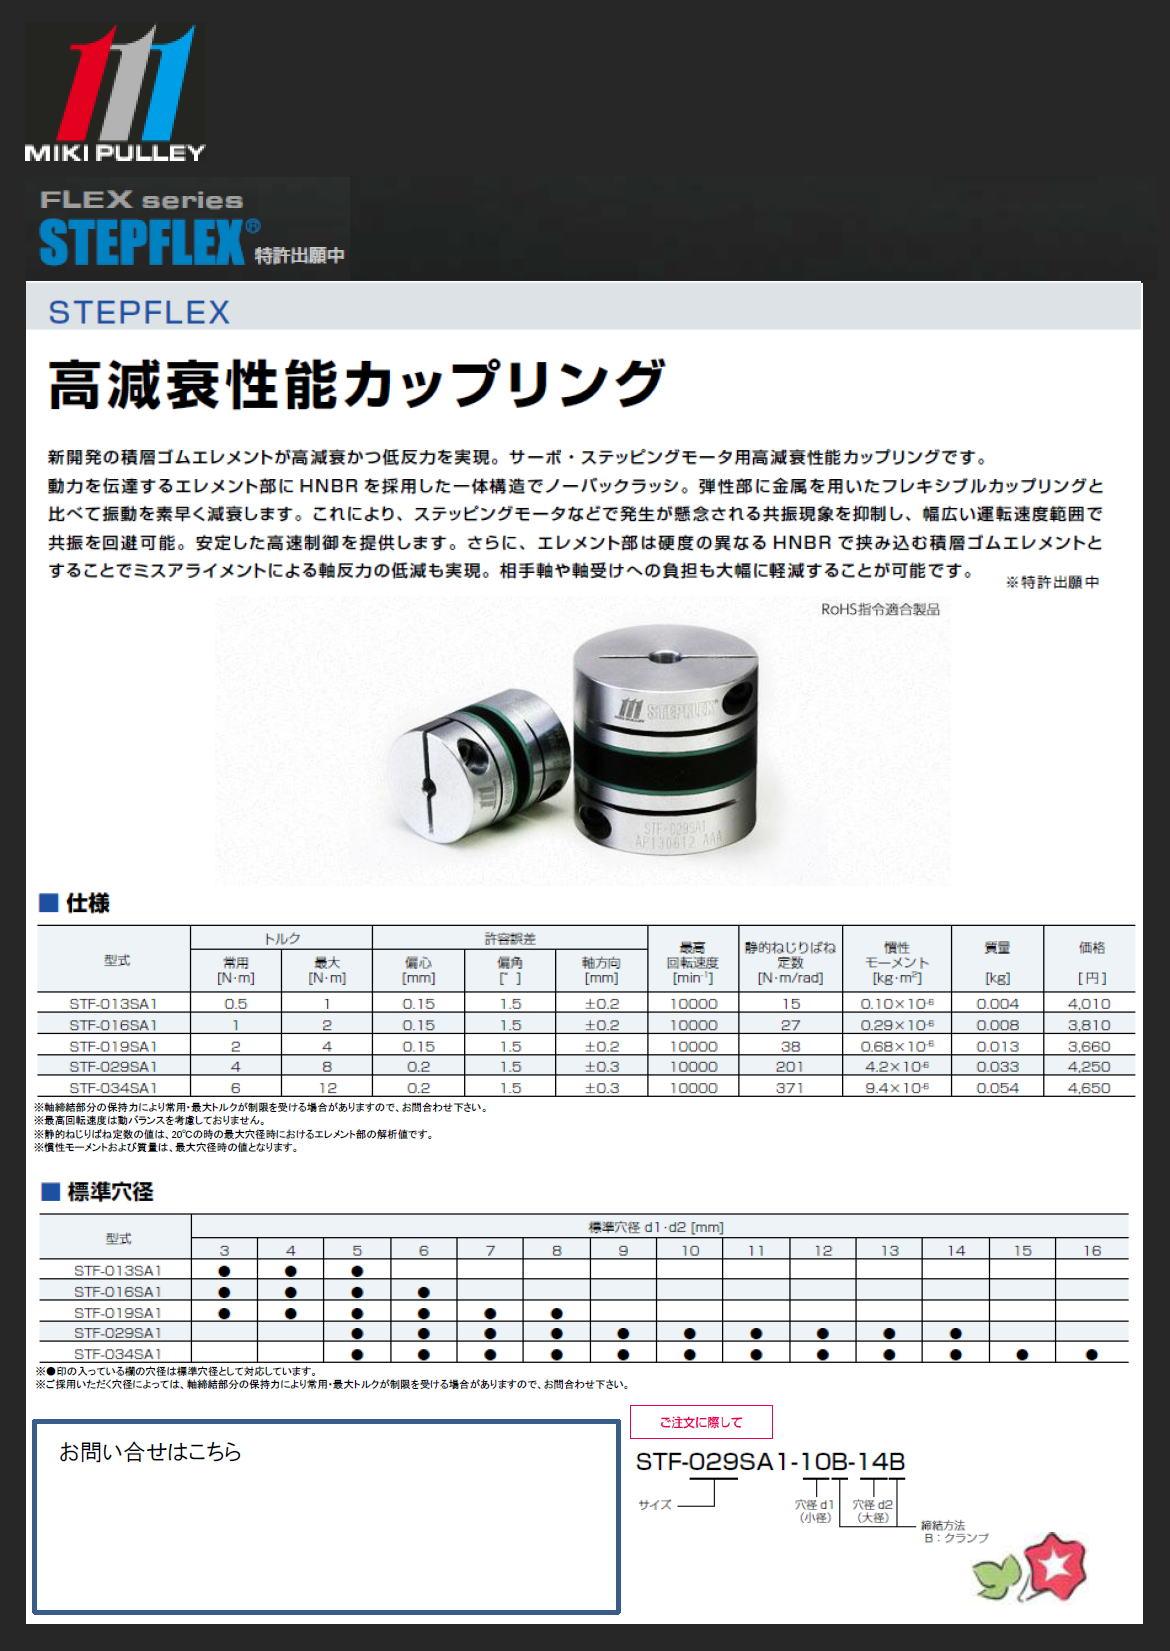 【三木プーリー】STEPFLEX カップリング STF-013SA1/STF-016SA1/STF-019SA1/STF-029SA1/STF-034SA1